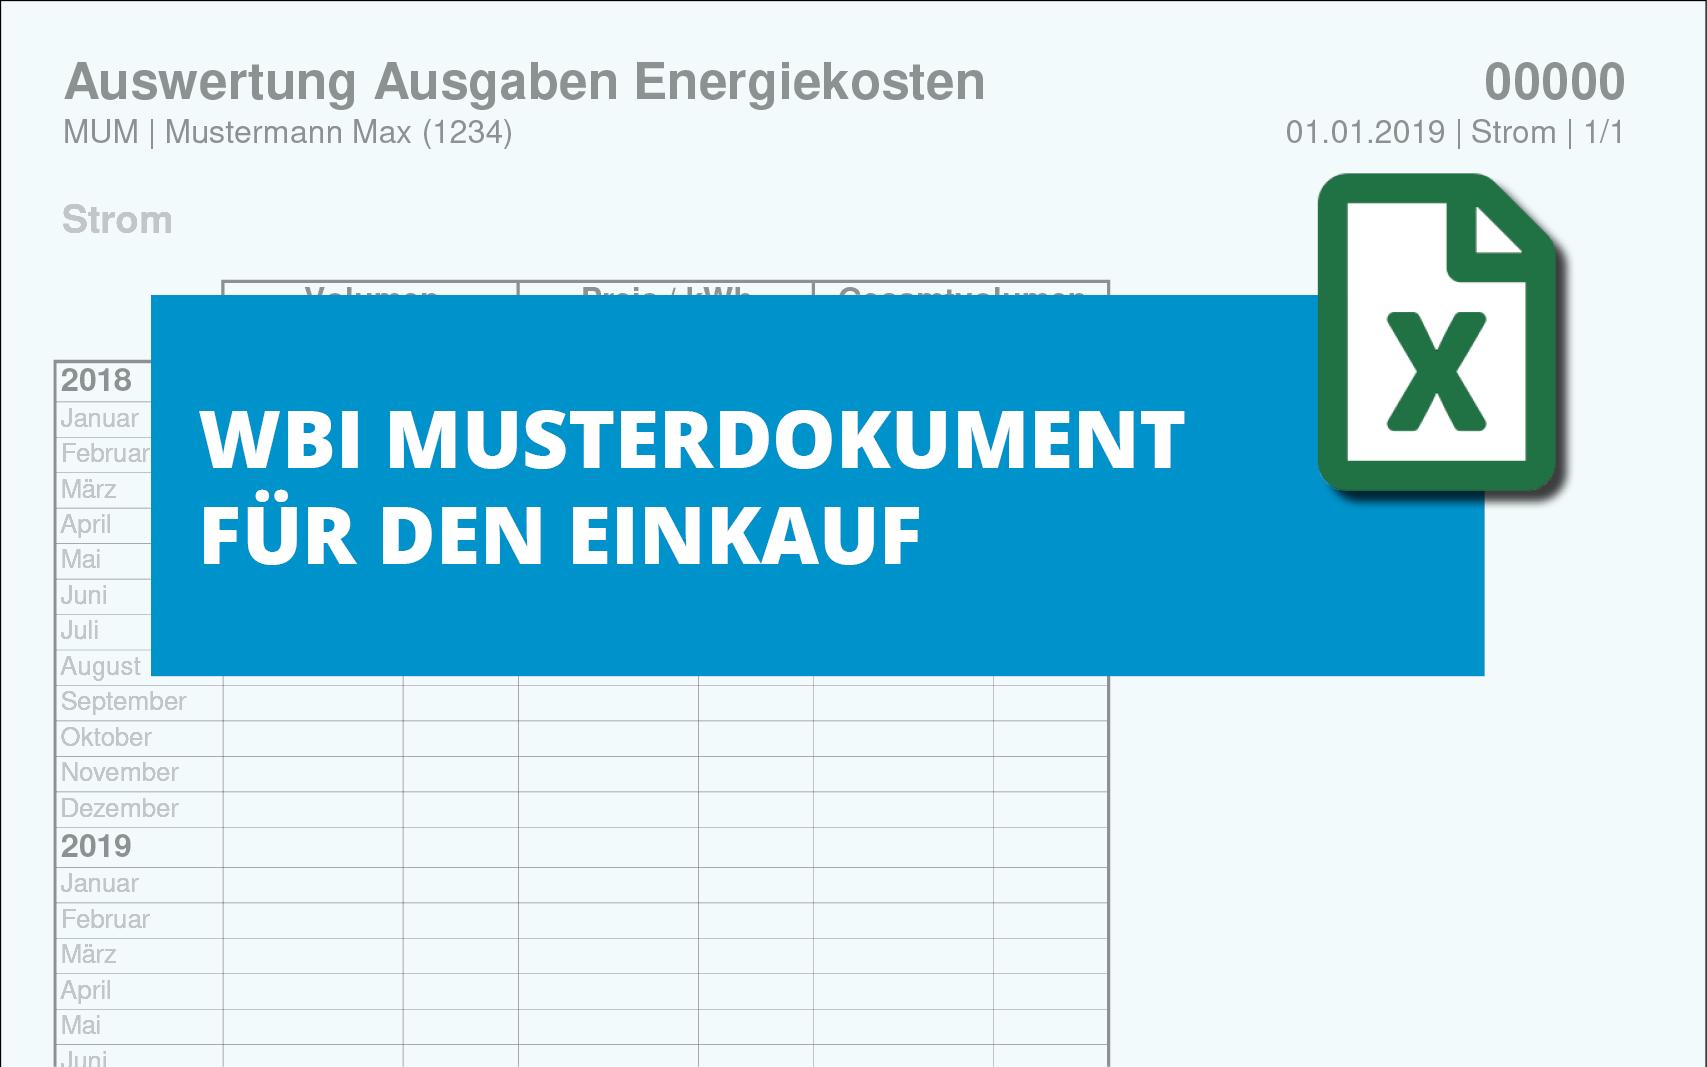 auswertung-ausgaben-energiekosten